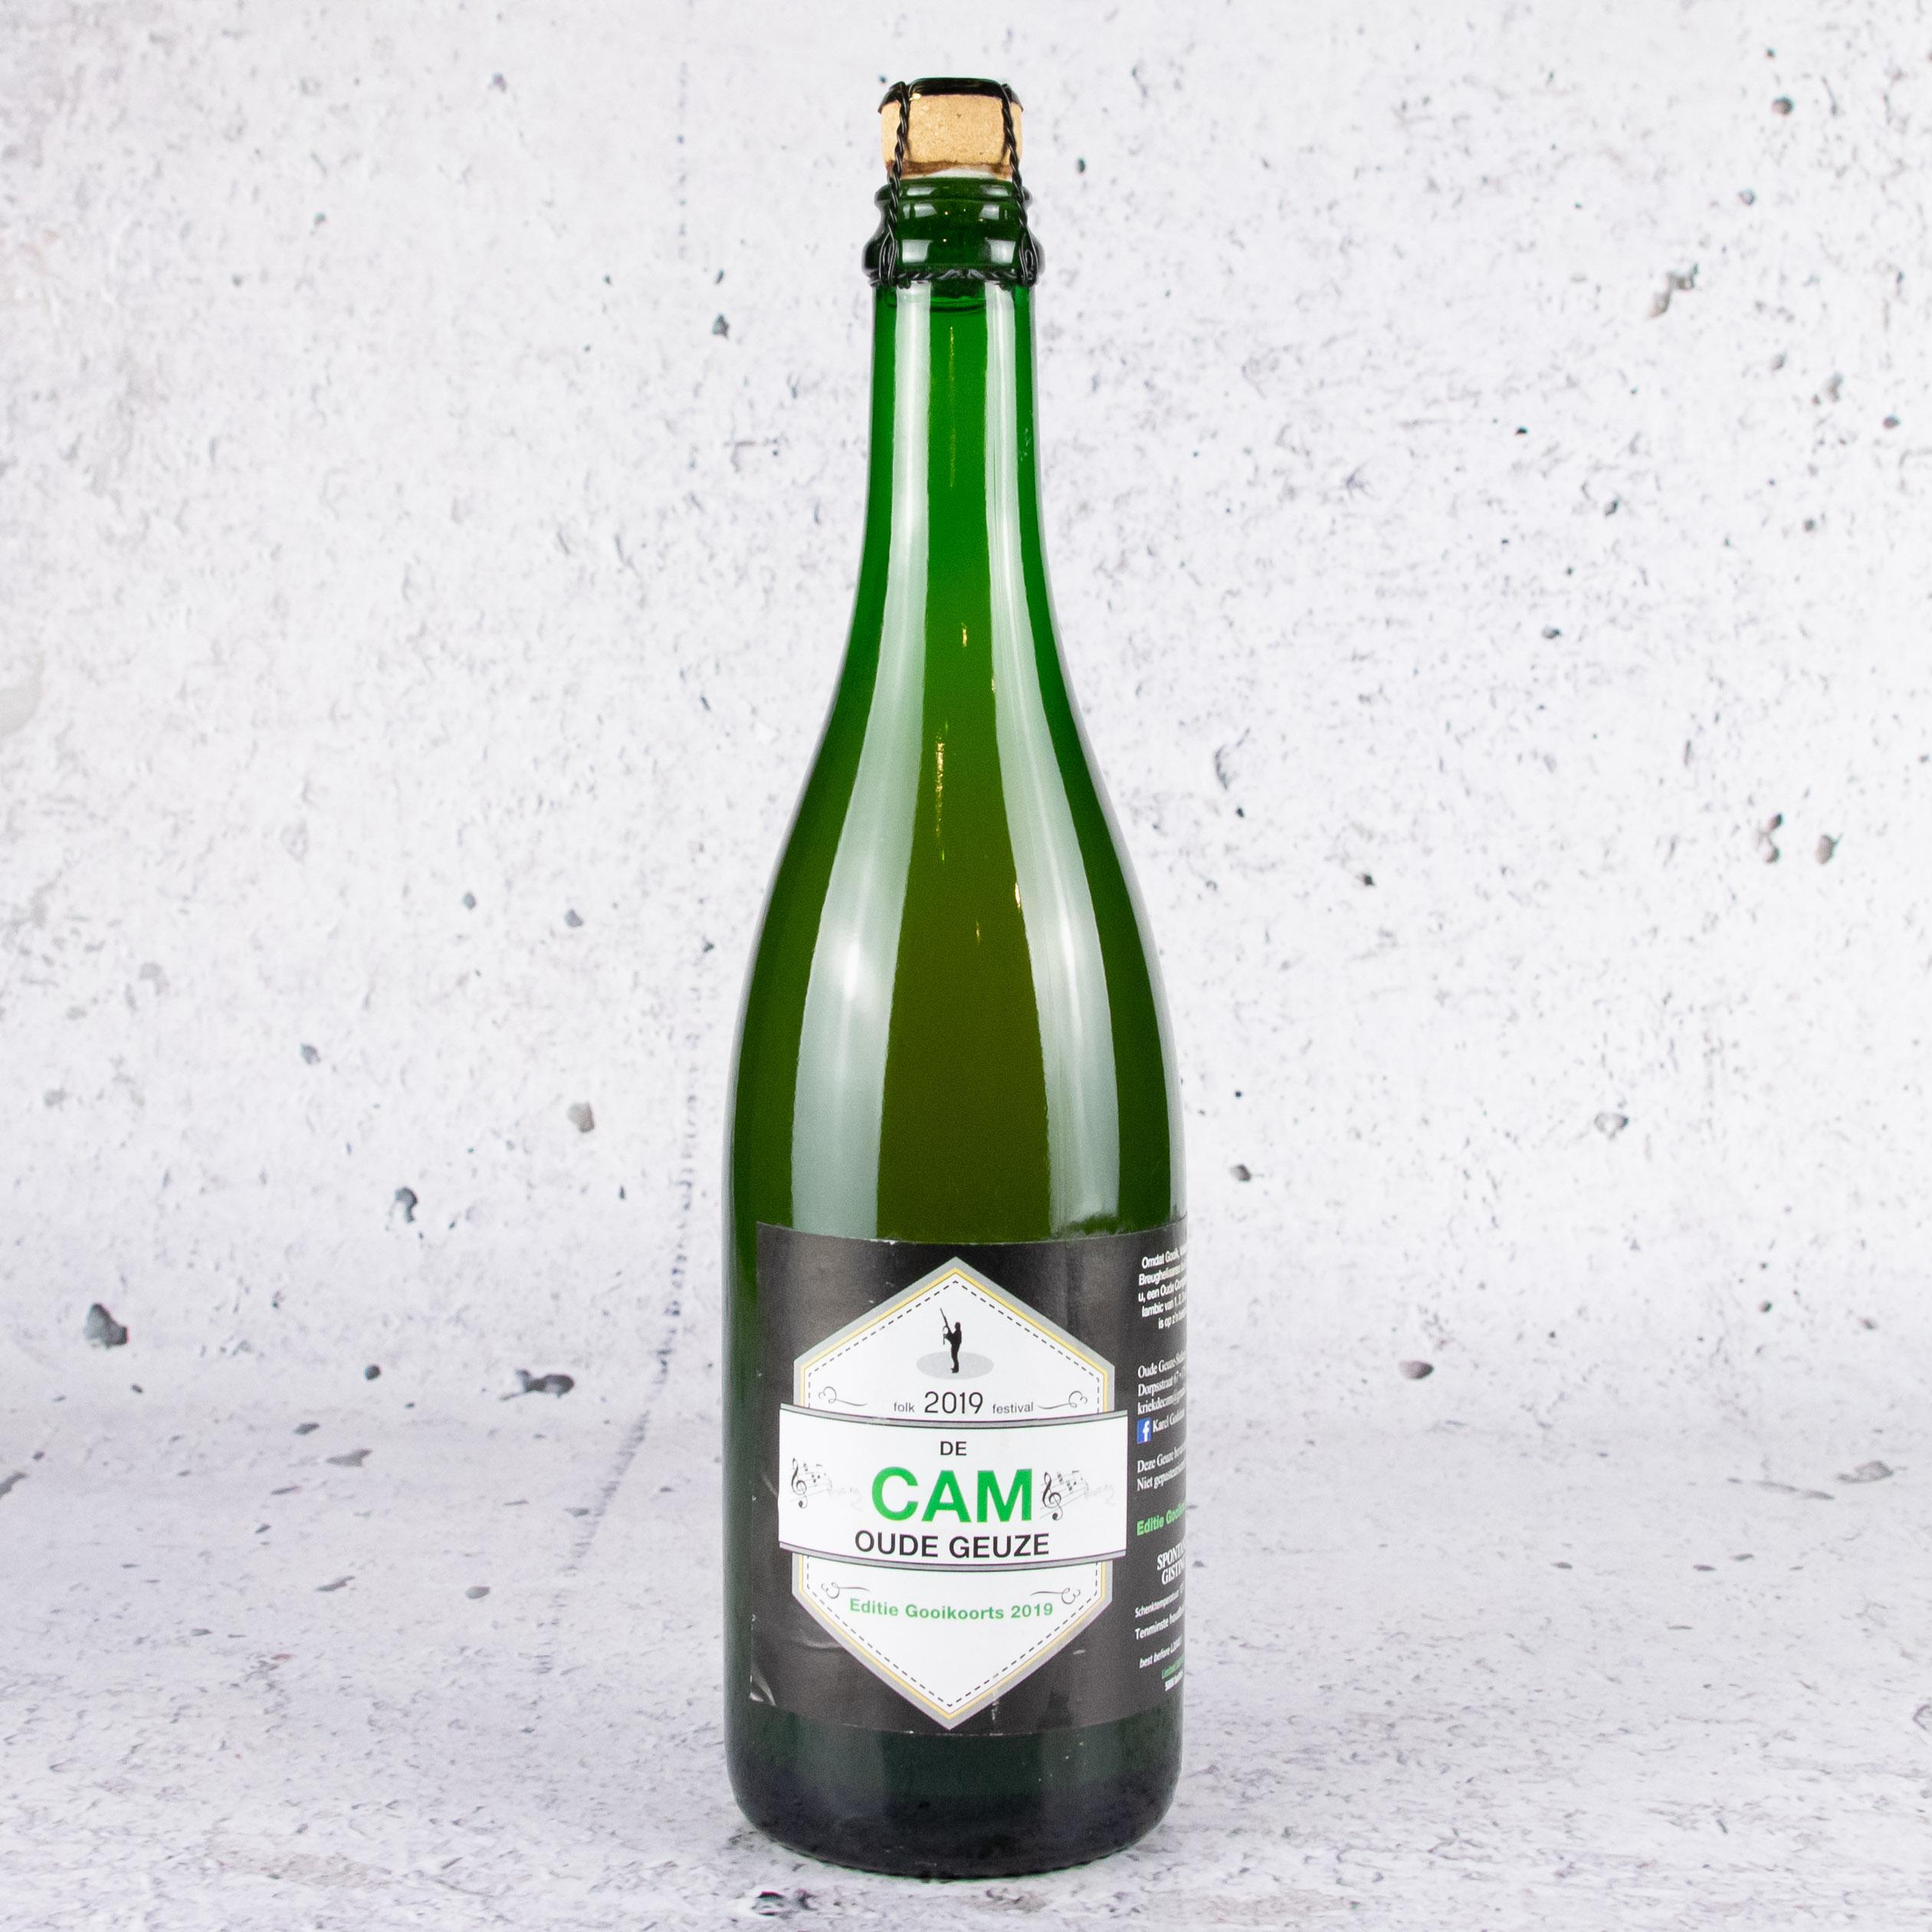 De Cam 2019 Oude Geuze Editie Gooikoorts